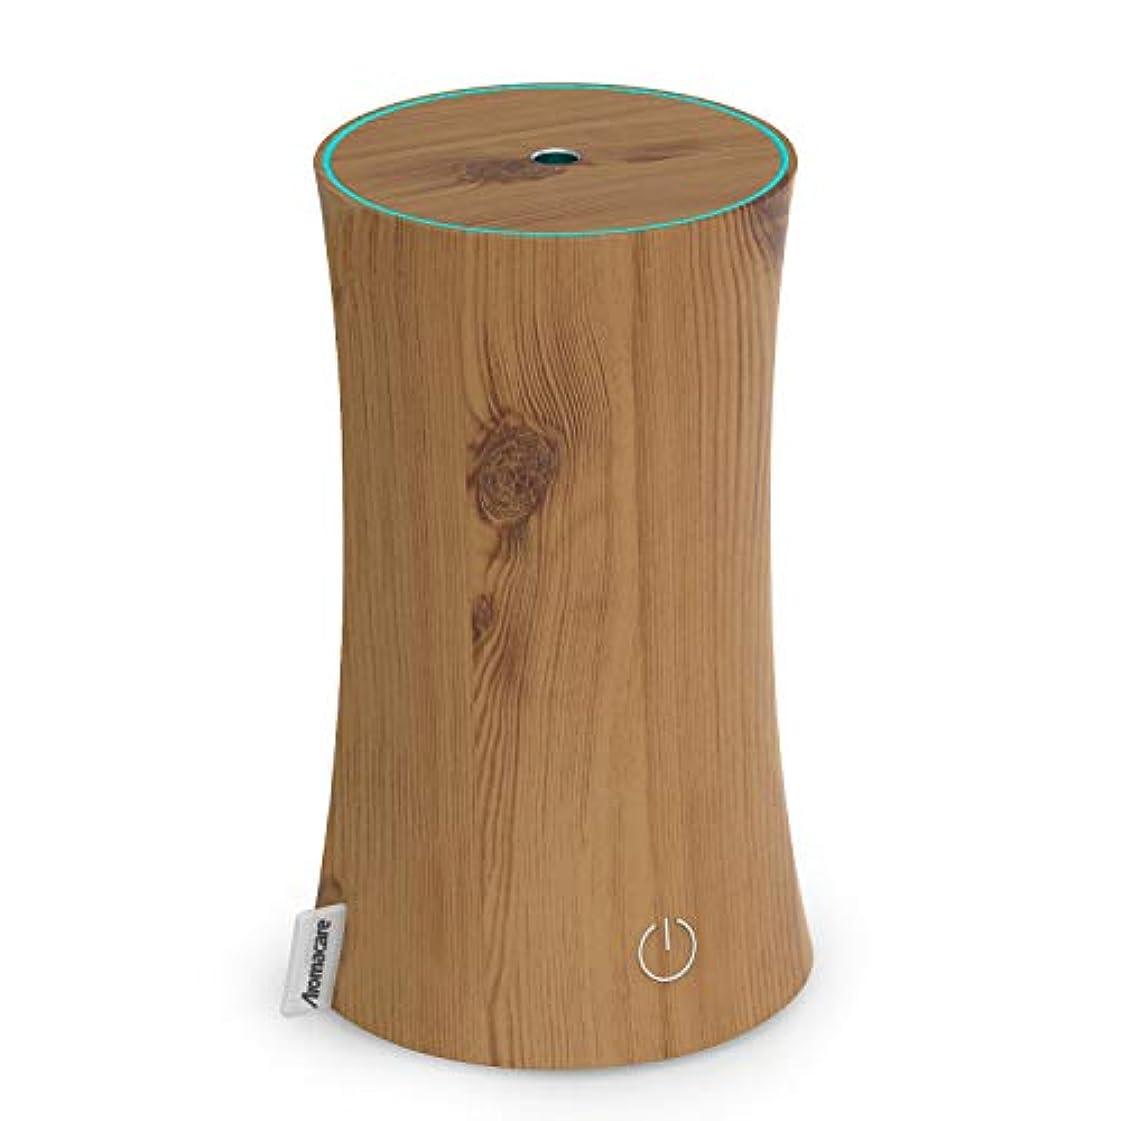 検出可能体操呼吸するアロマディフューザー 卓上加湿器 センサー付き 超音波式 空焚き防止 低騒音 300ml 連続運転 各場所用 省エネ 木目調 木の色